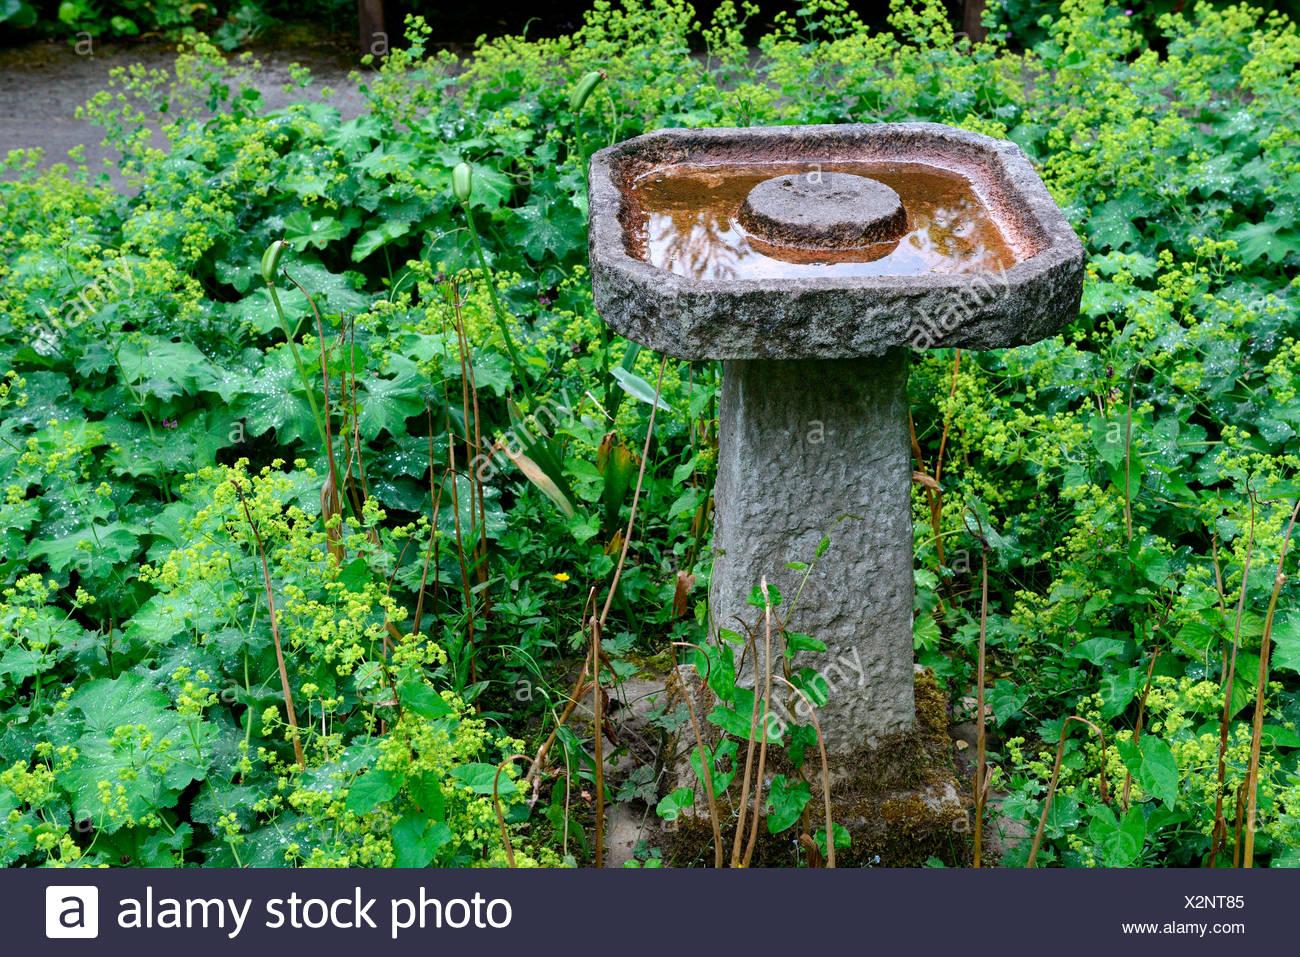 Vogeltraenke aus Stein in Garten, Frauenmantel, Alchemilla vulgaris ...